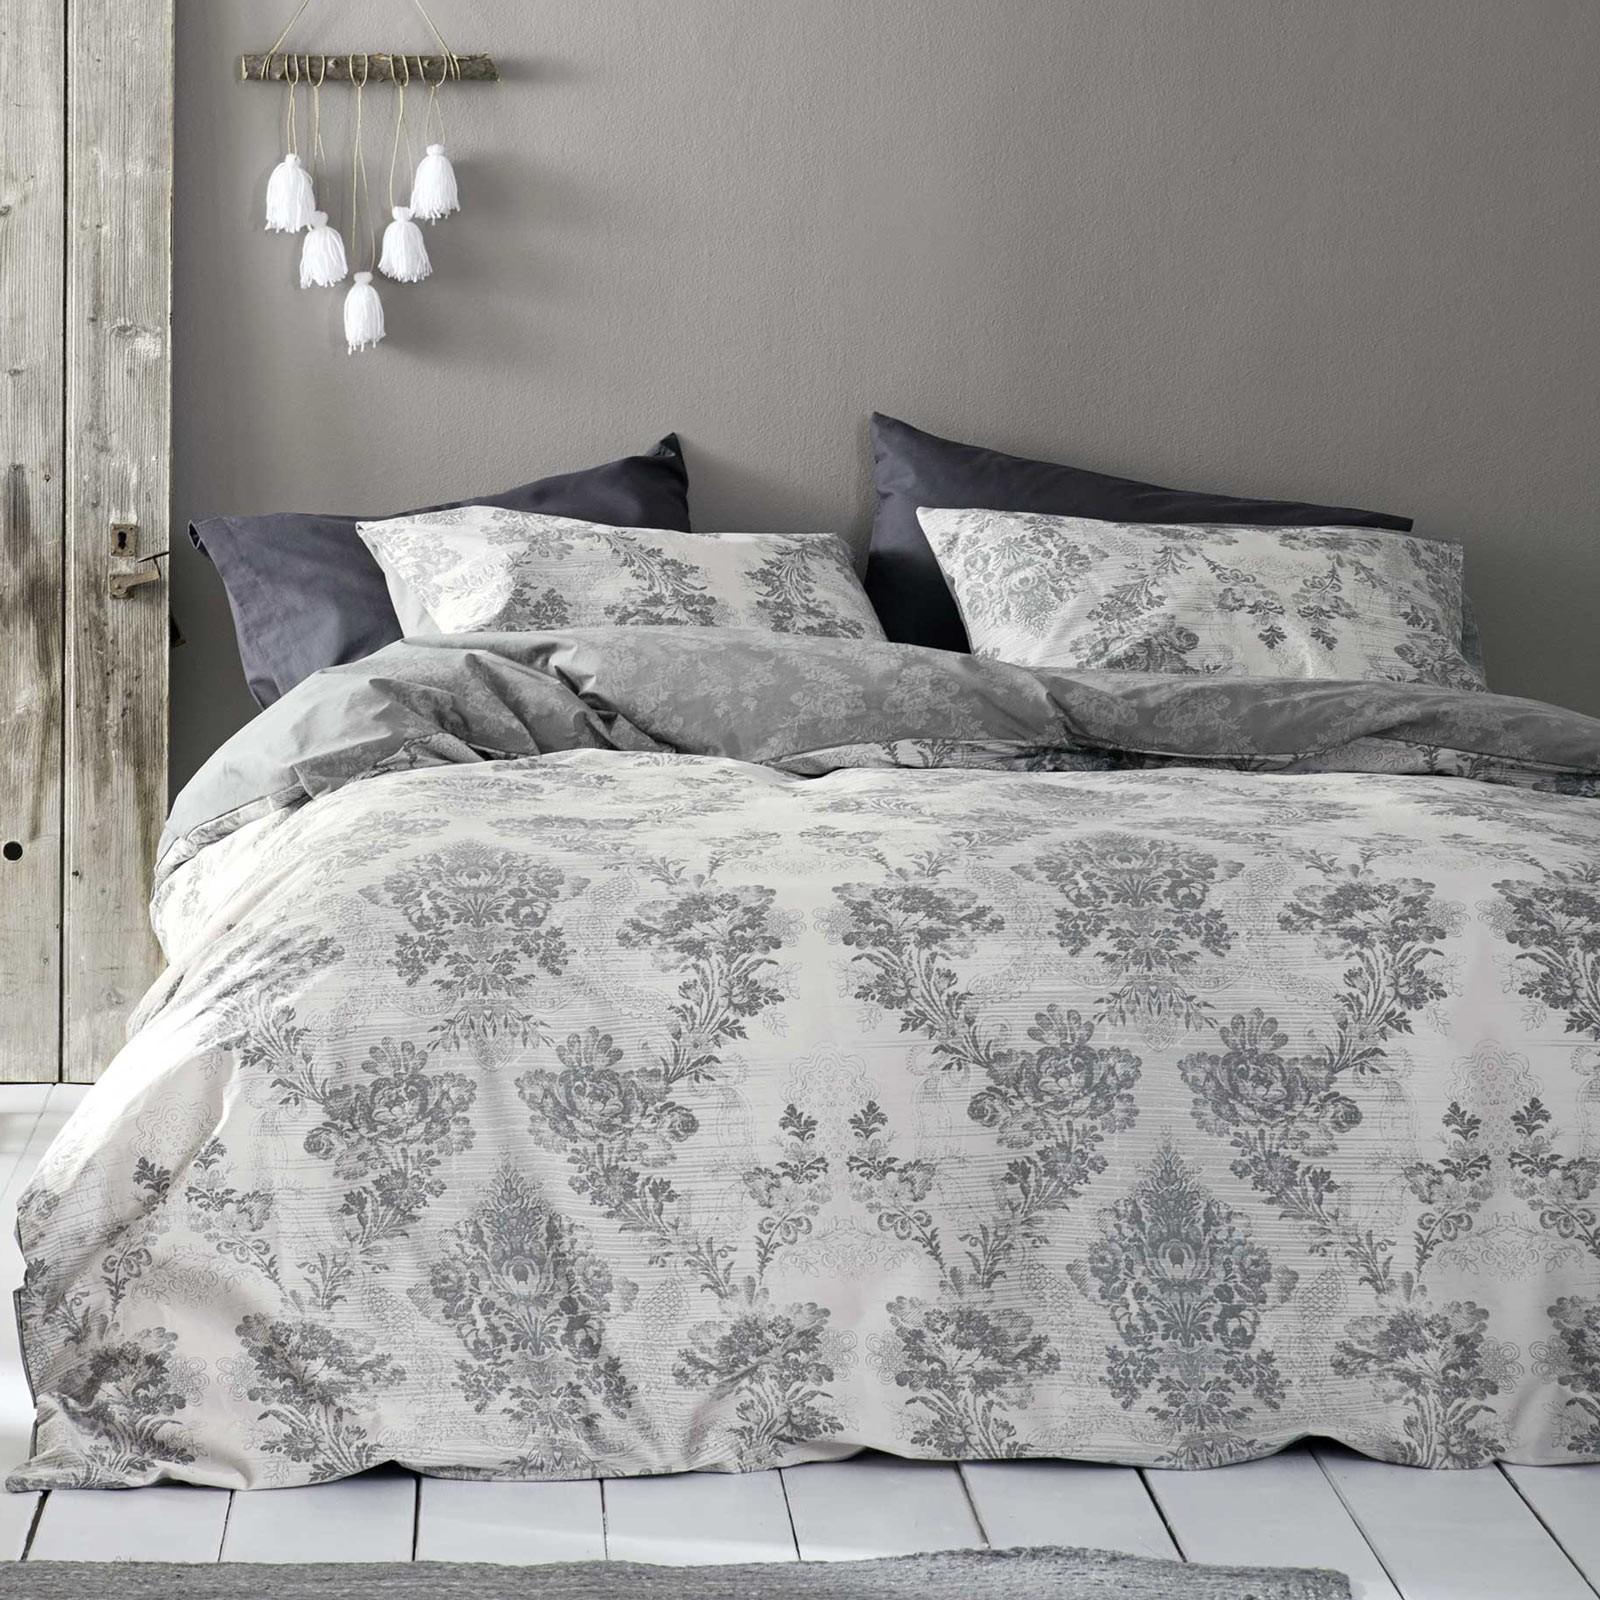 Παπλωματοθήκη Μονή (Σετ) Nima Bed Linen Kiana Grey